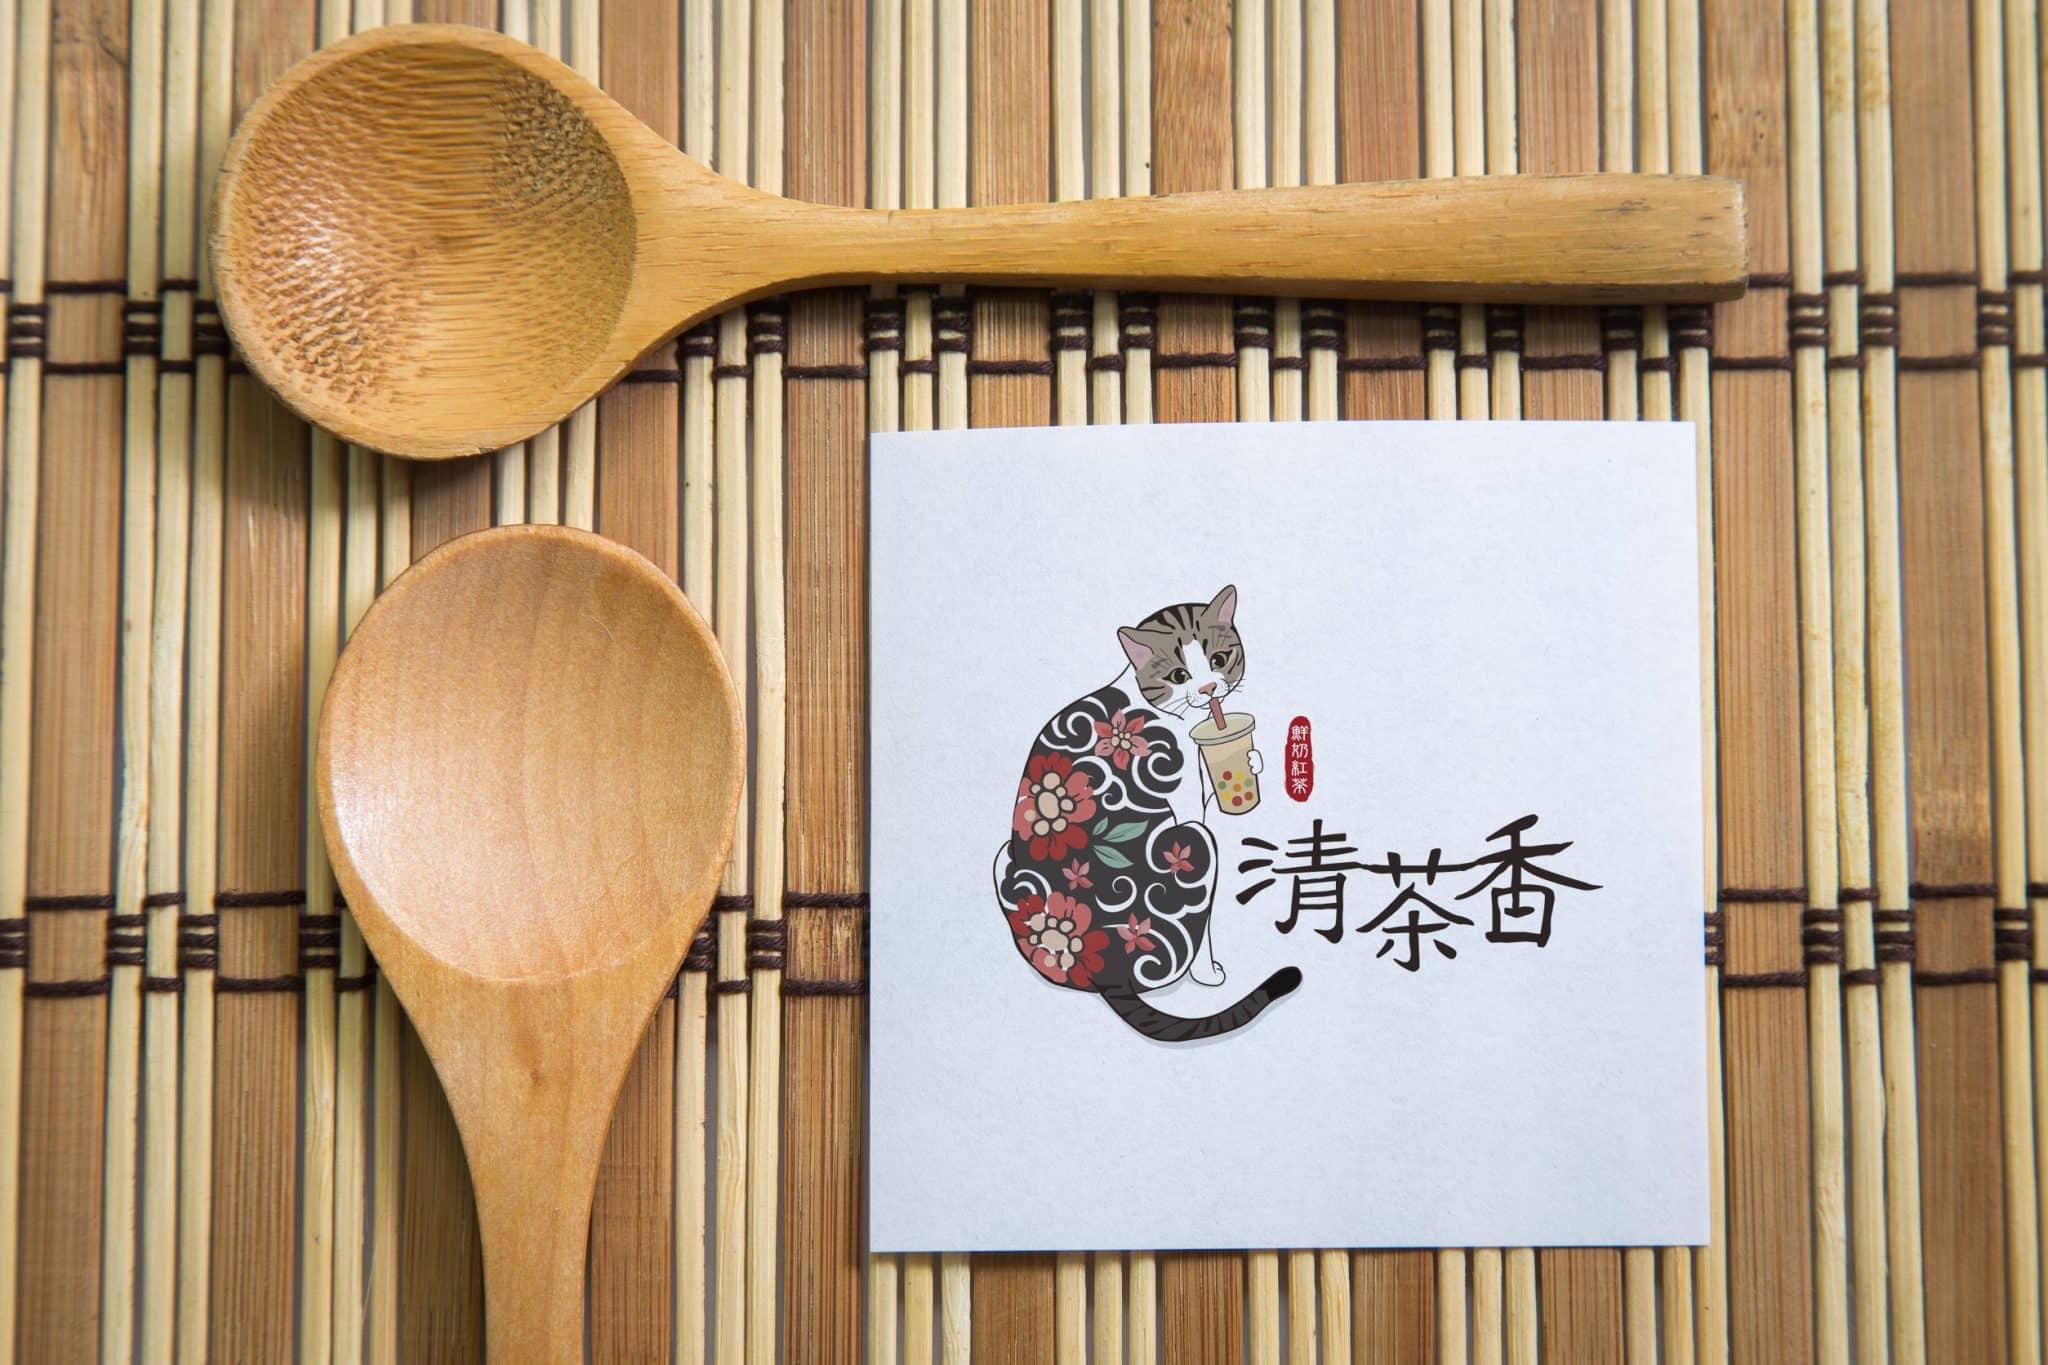 清茶香茶飲 LOGO設計 形象設計 品牌設計 商標設計